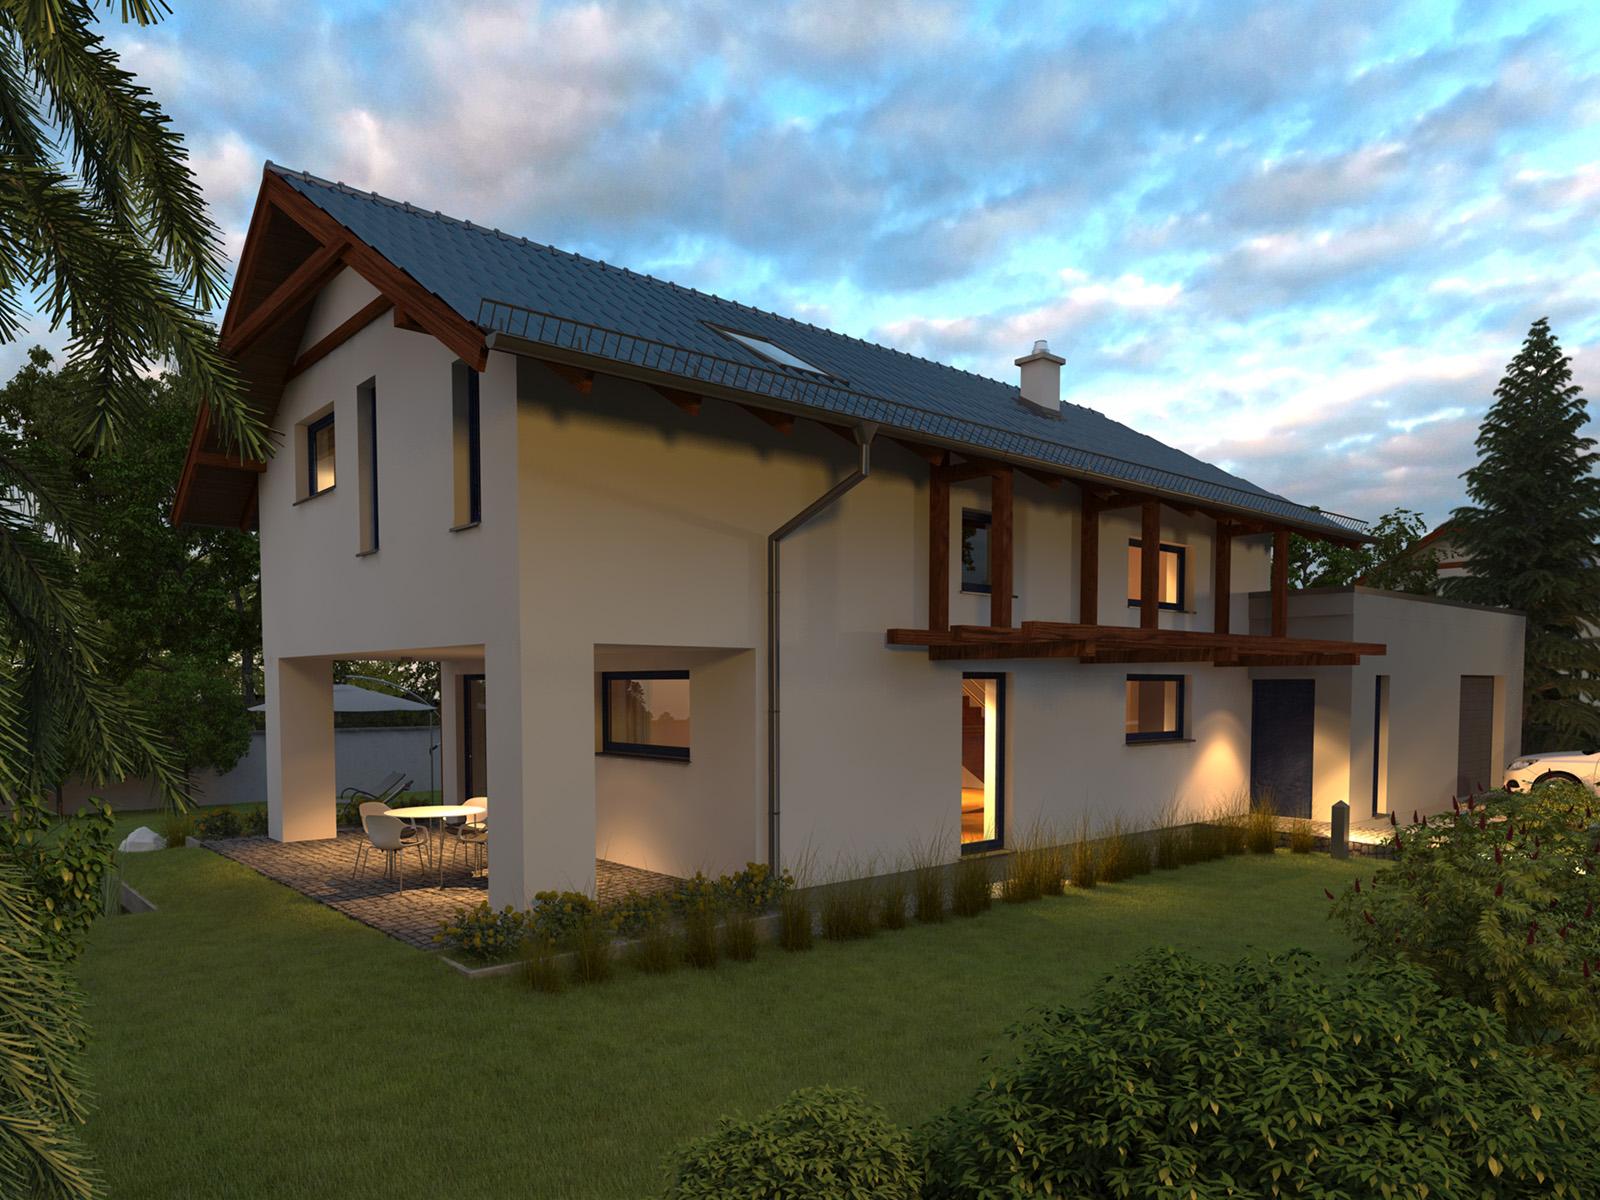 Projekt domu NIEBIESKI Domy Czystej Energii widok od frontu